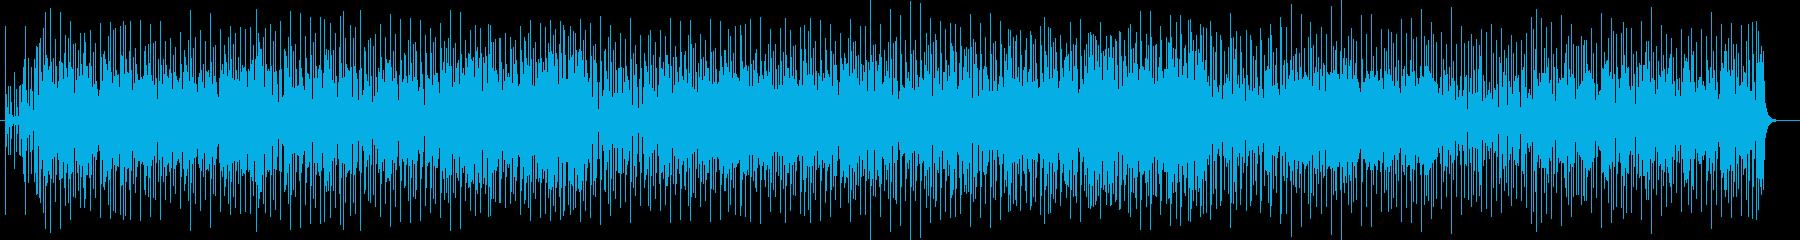 躍動感溢れるリズムミュージックの再生済みの波形